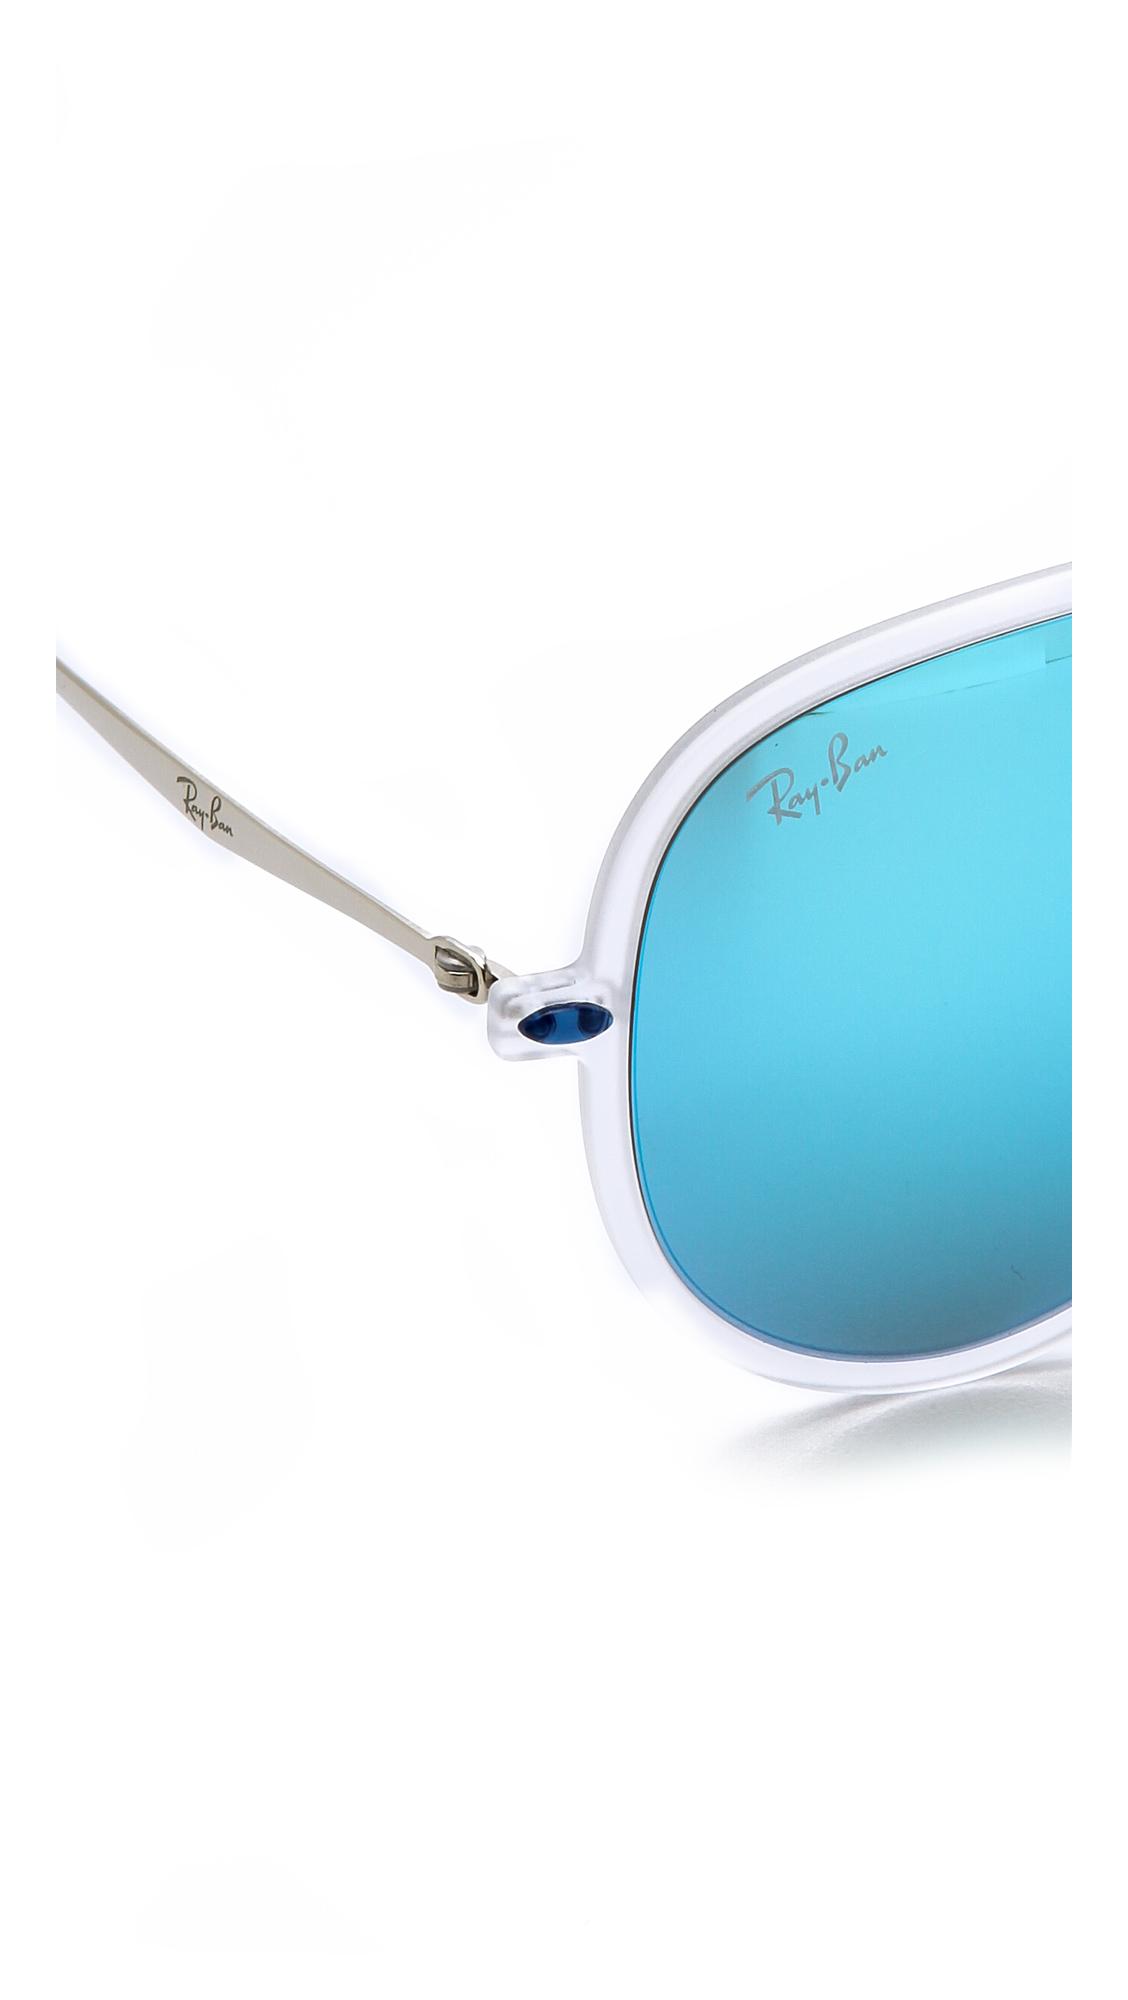 a7c03d86a7 Ray-Ban Tech Light Aviator Sunglasses - Matte Transparent Green ...